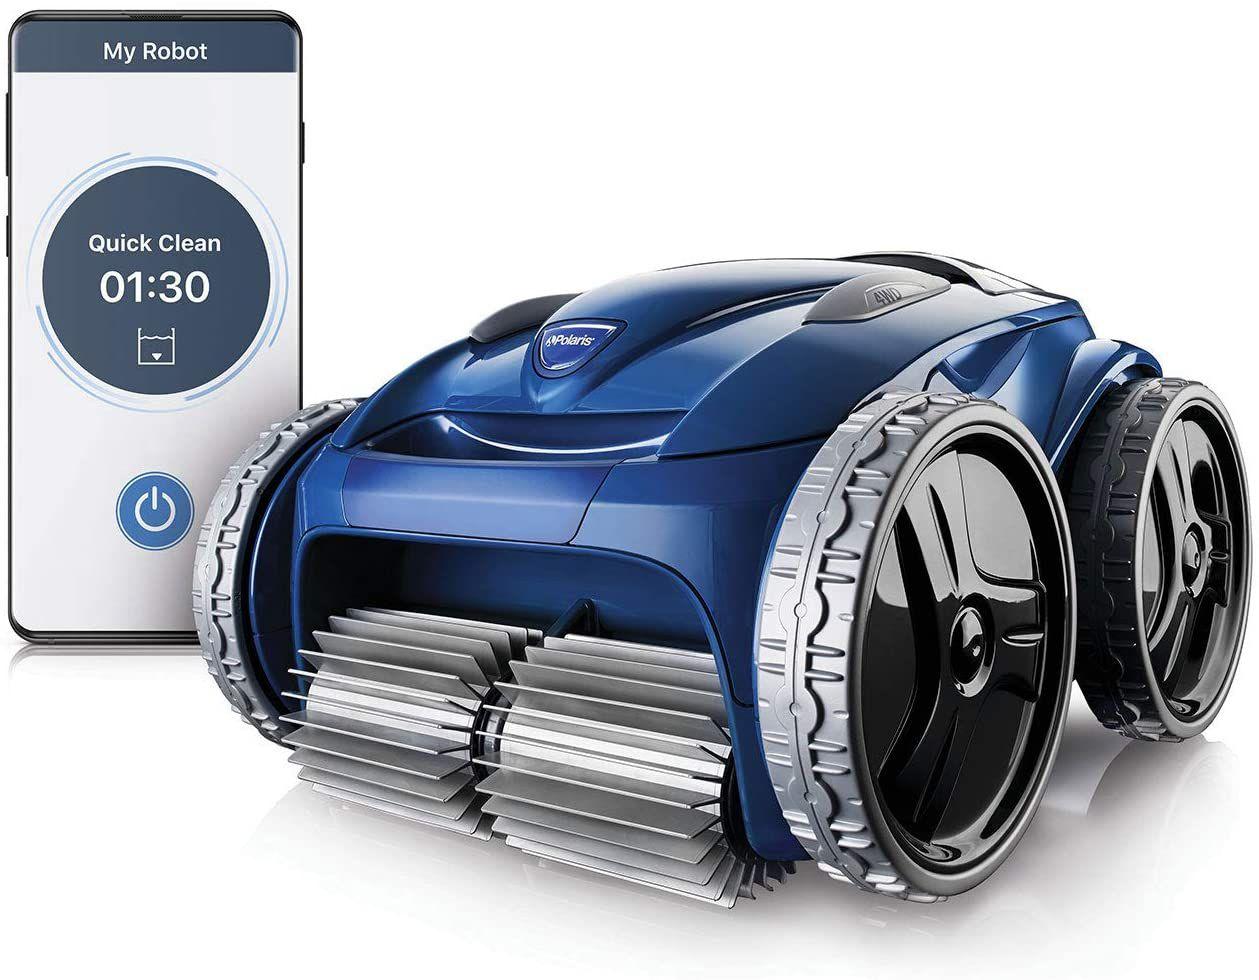 Polaris 9650IQ Sport Robotic Pool Vacuum Cleaner